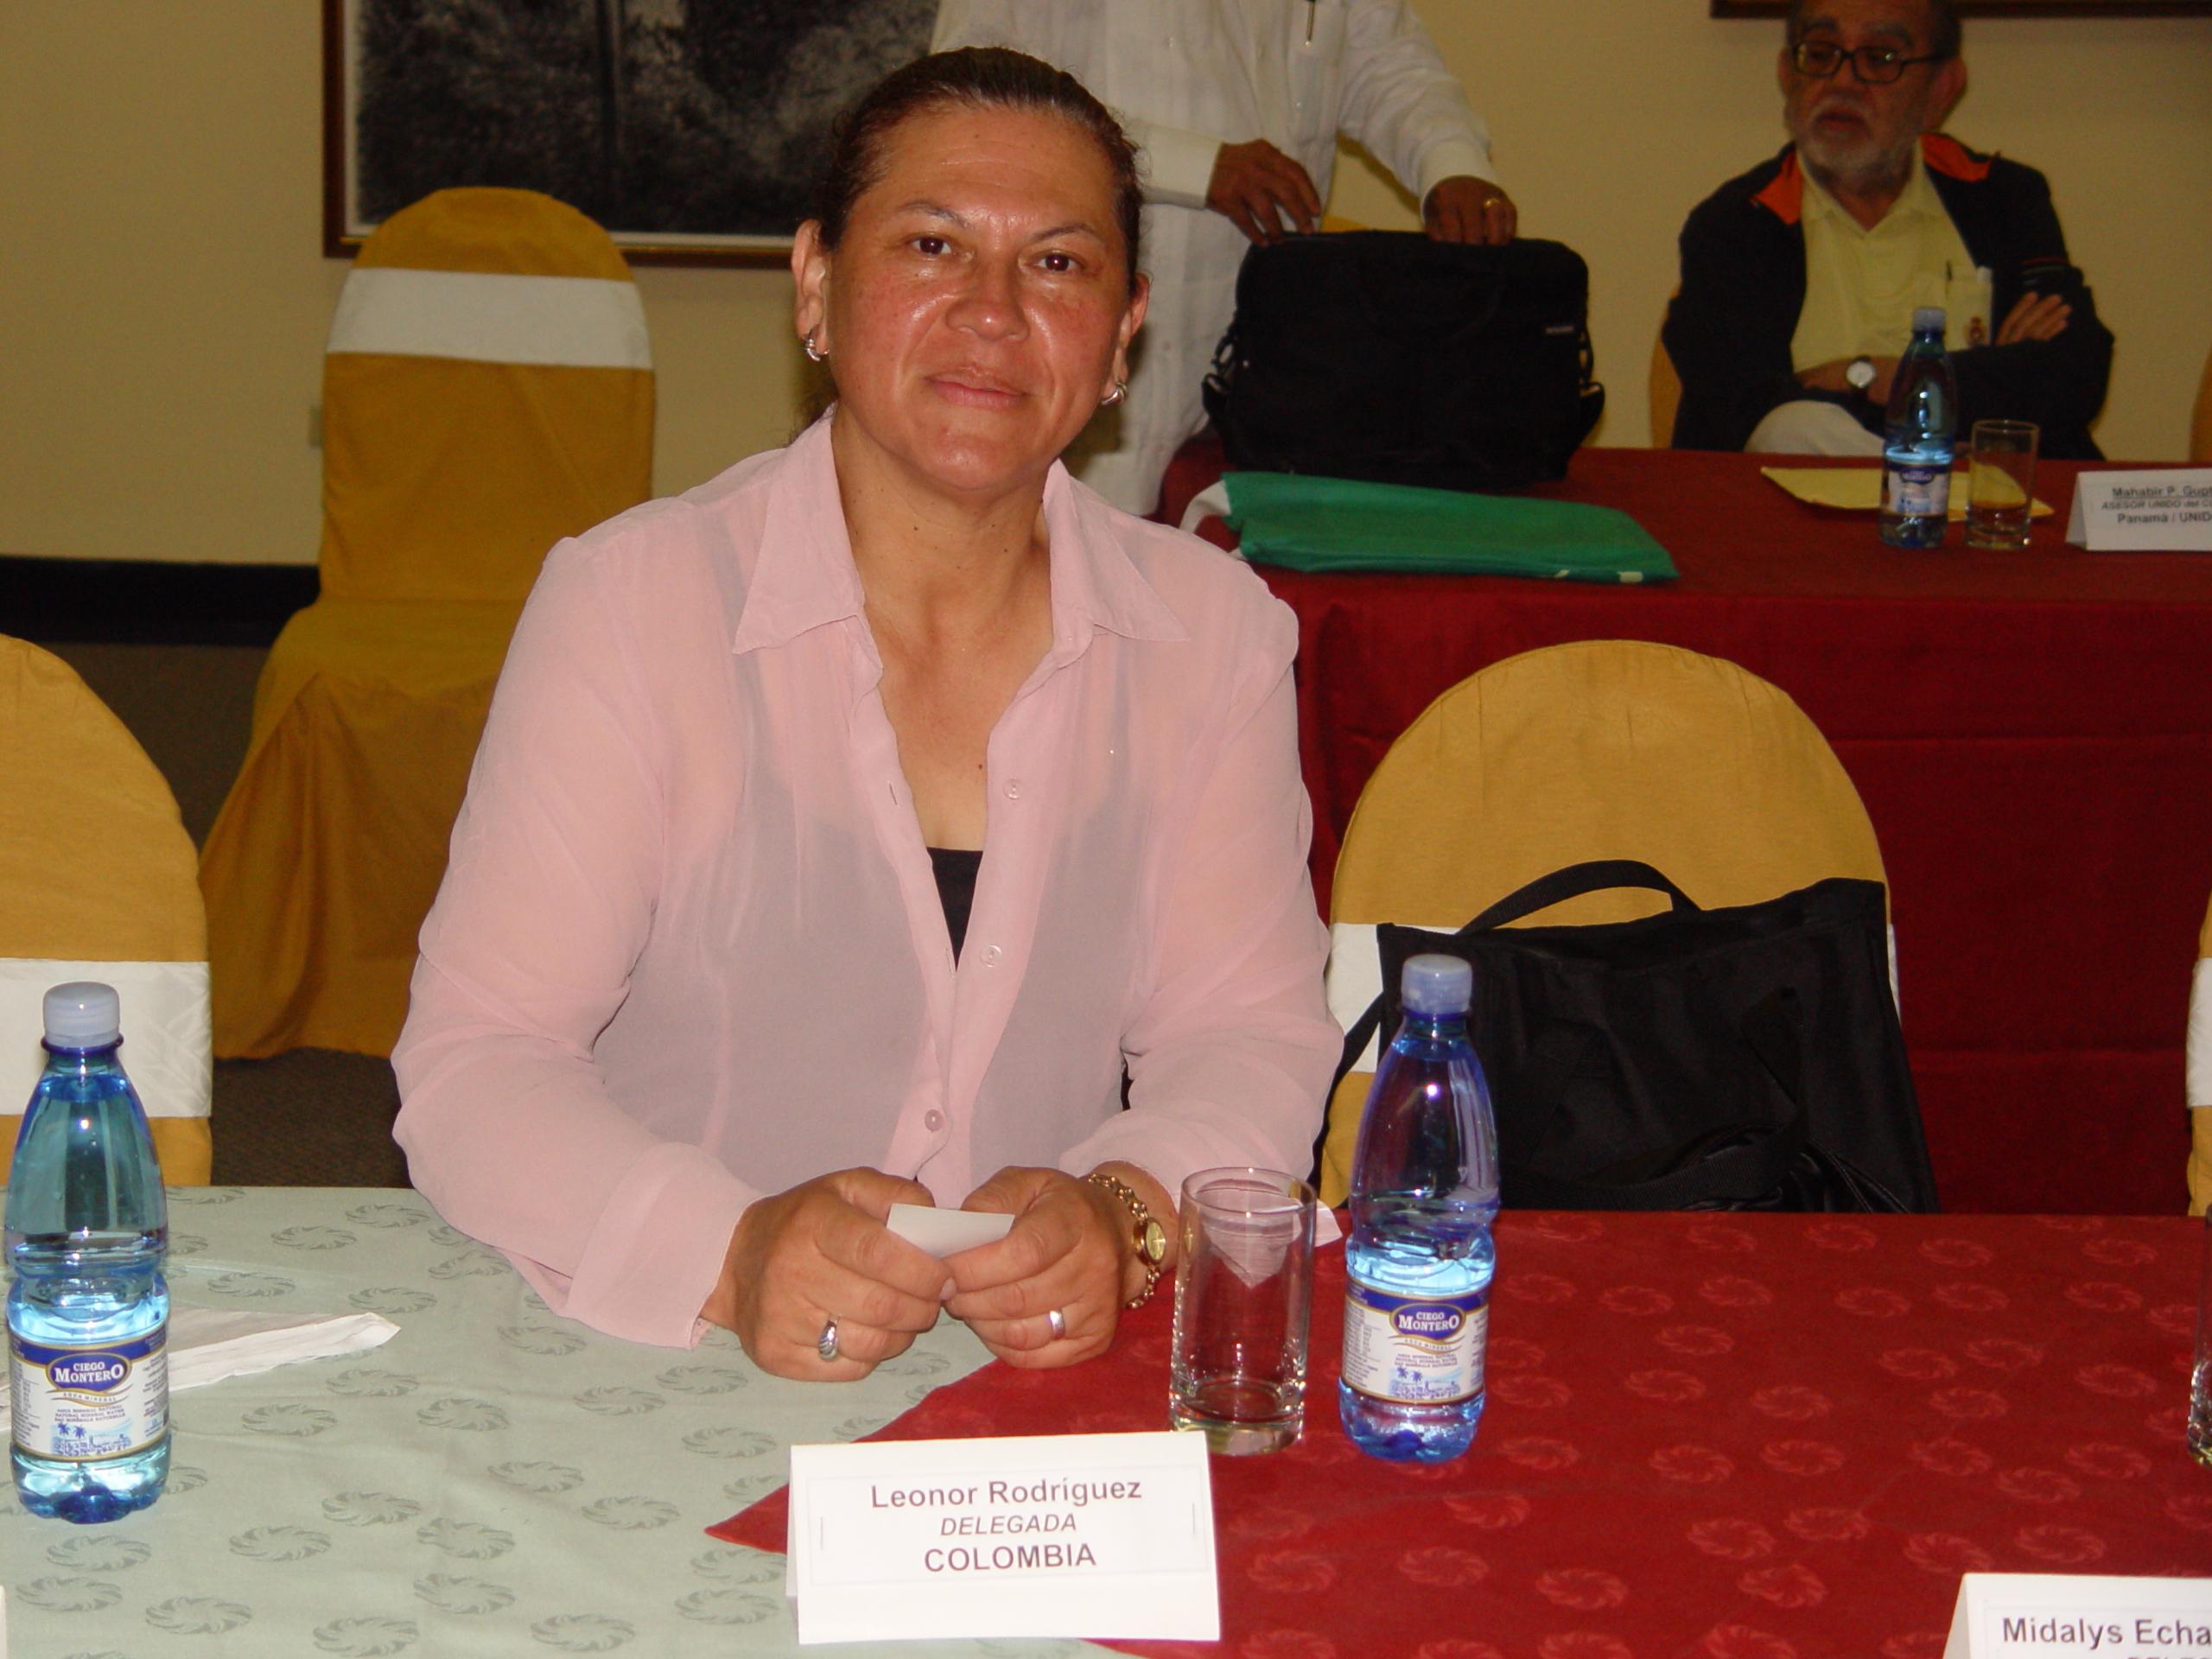 LeonorRodriguez